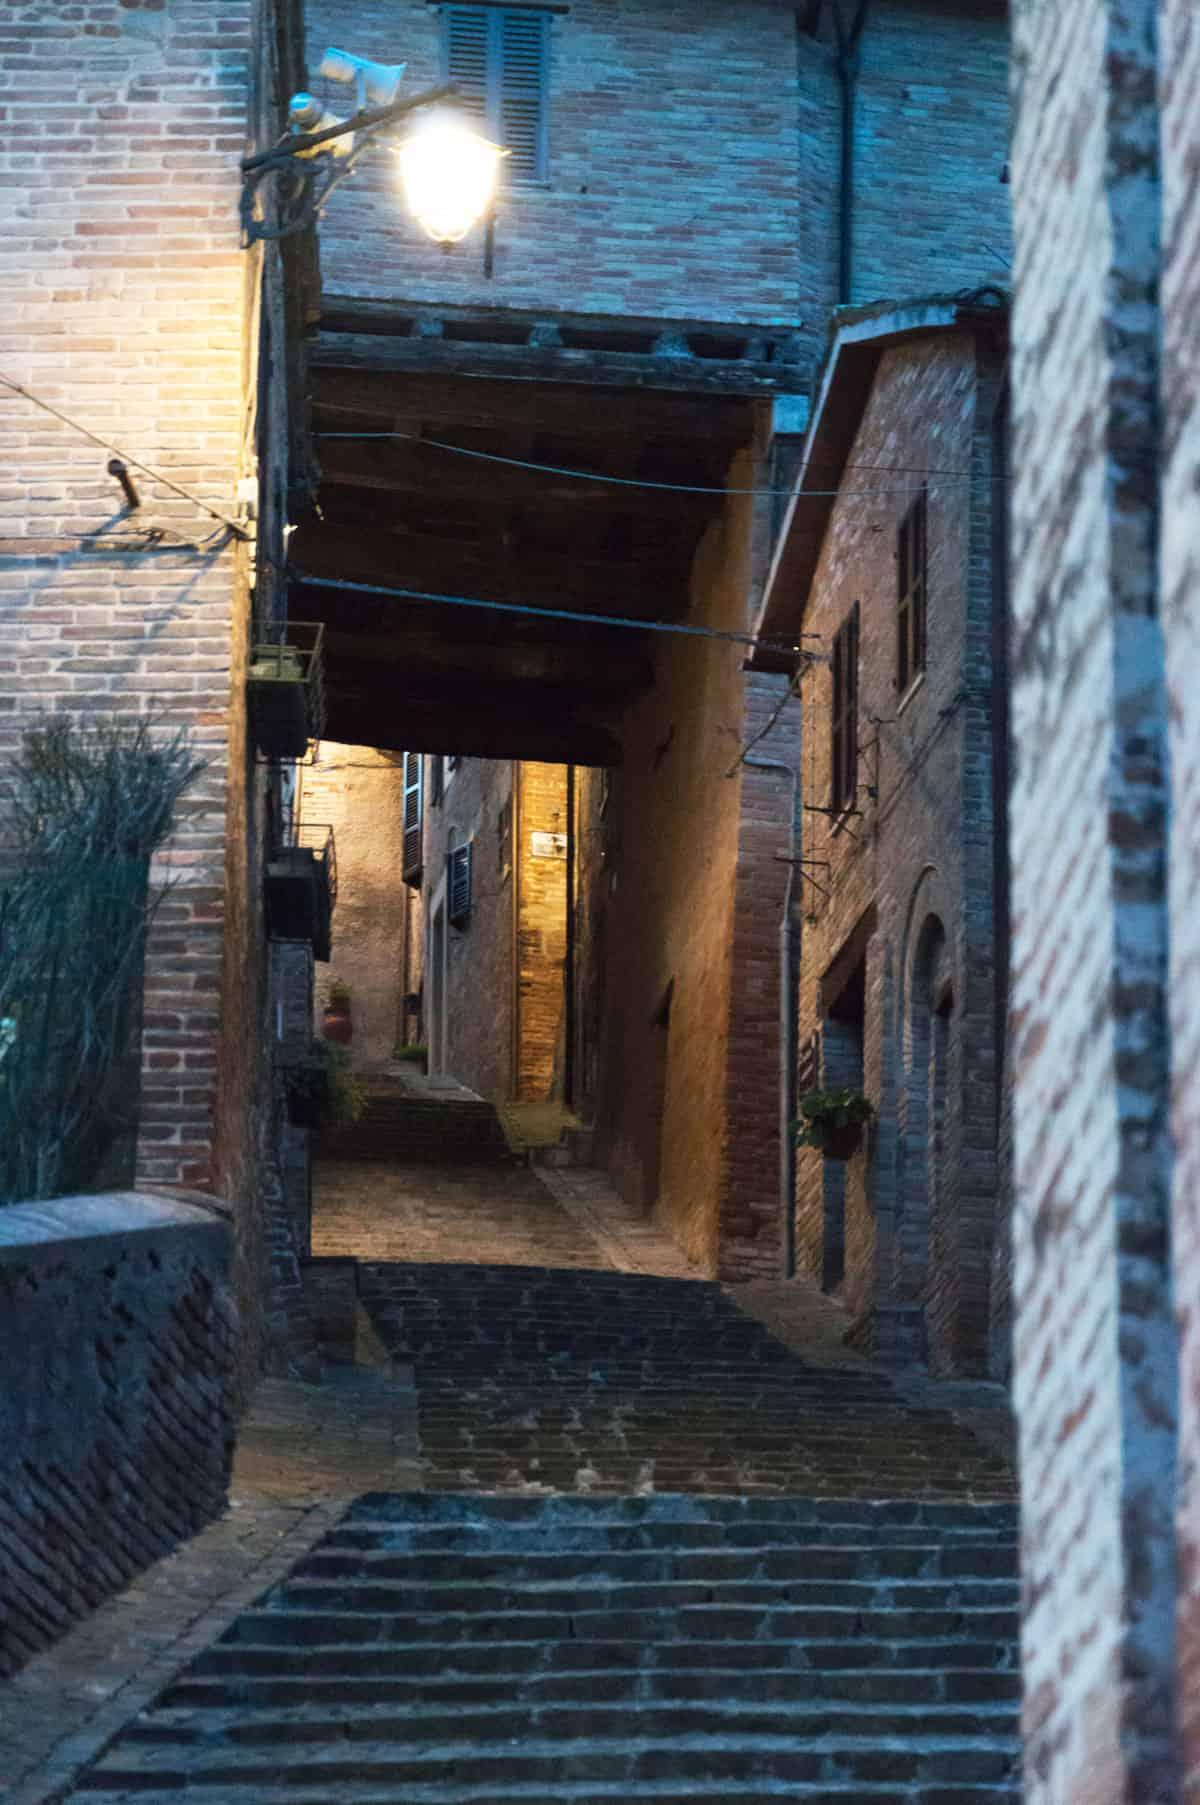 Centro storico di Sarnano, via della Costa